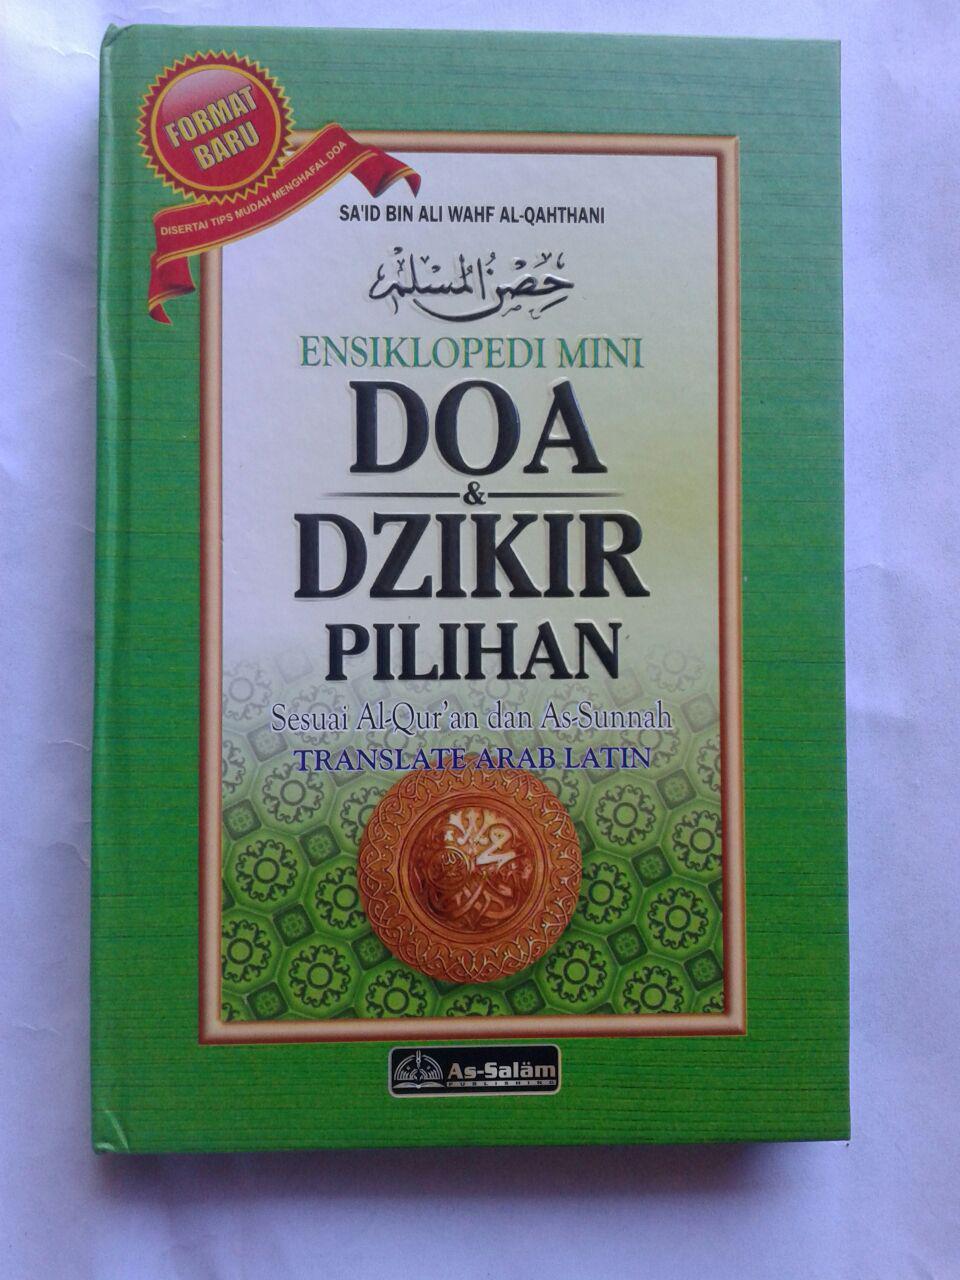 Buku Hisnul Muslim Ensiklopedi Mini Doa & Dzikir Pilihan cover